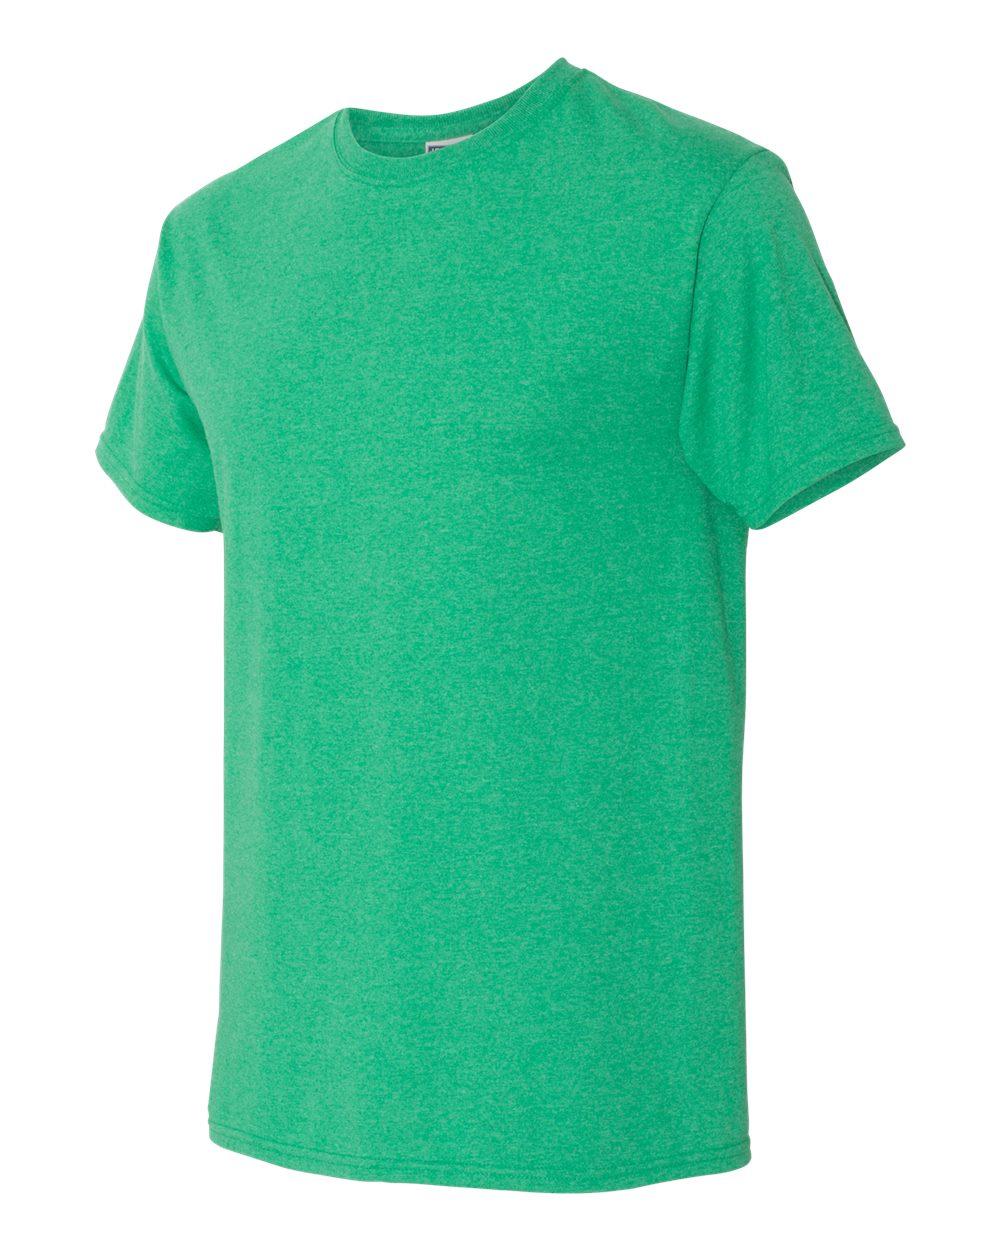 Jerzees-Men-039-s-5-6-oz-50-50-Heavyweight-Blend-T-Shirt-29M-S-4XL thumbnail 75